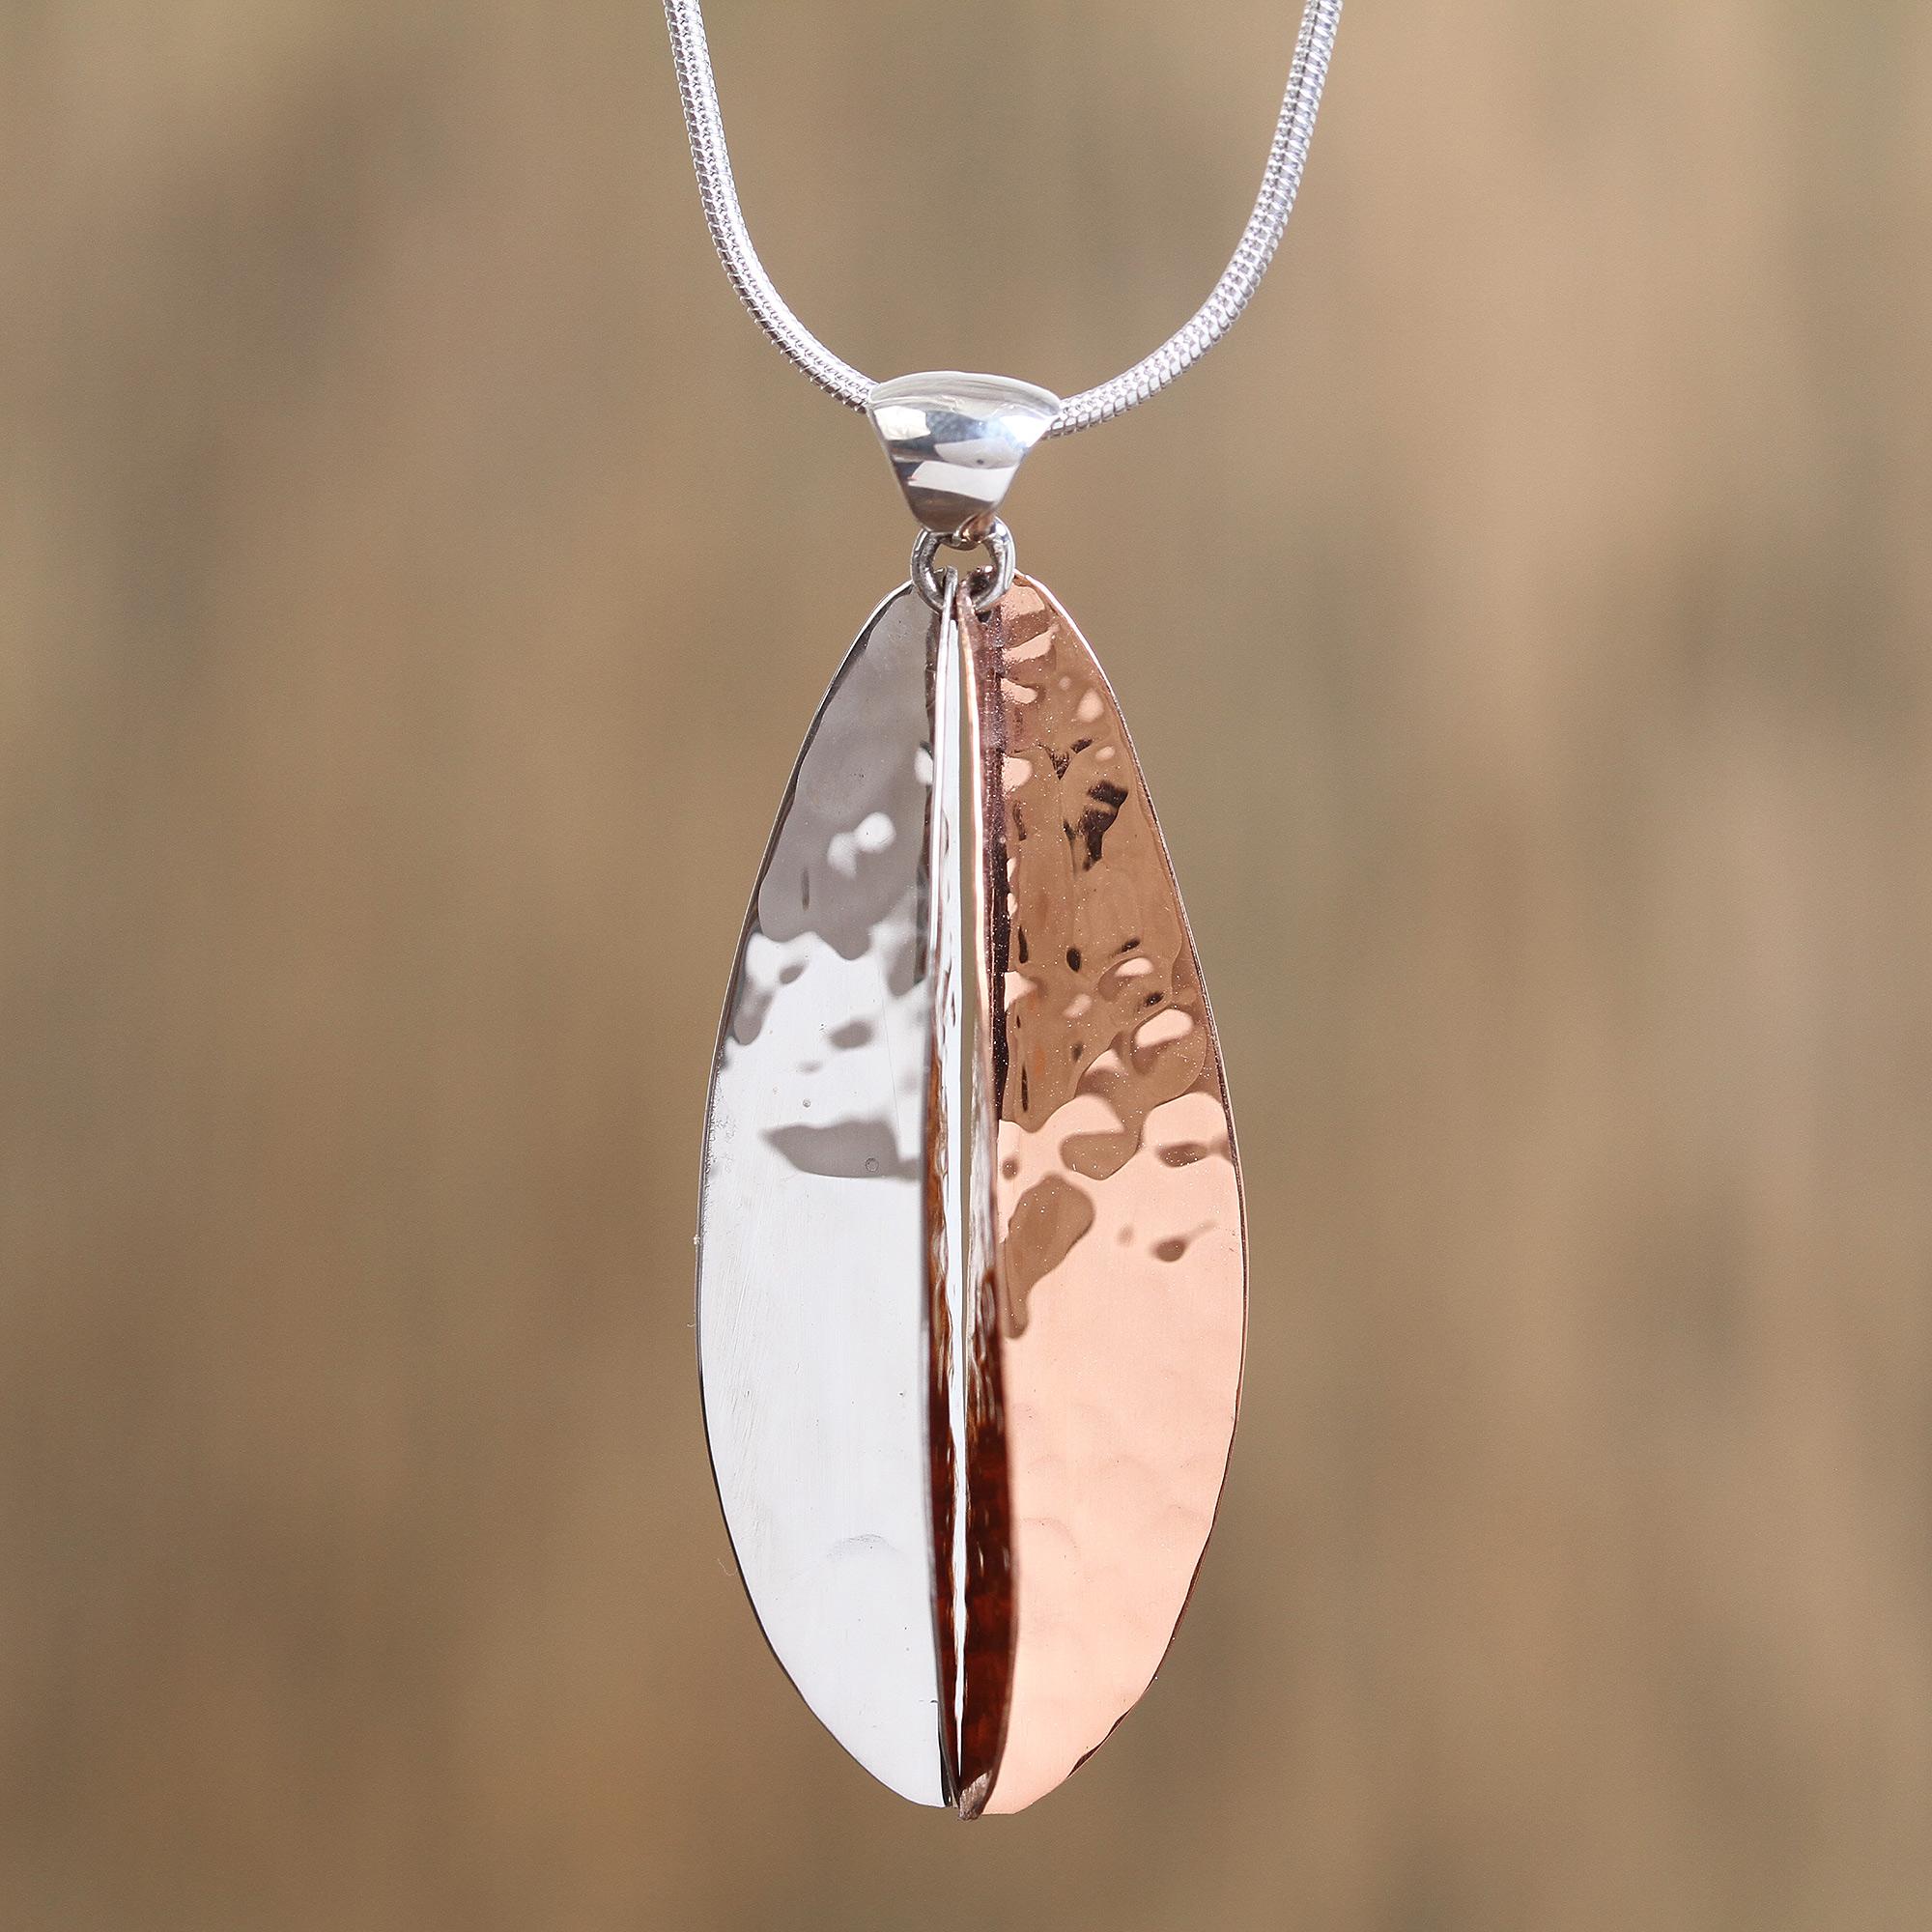 Unicef Market Leaf Shaped Sterling Silver And Copper Pendant Necklace Rippling Leaf